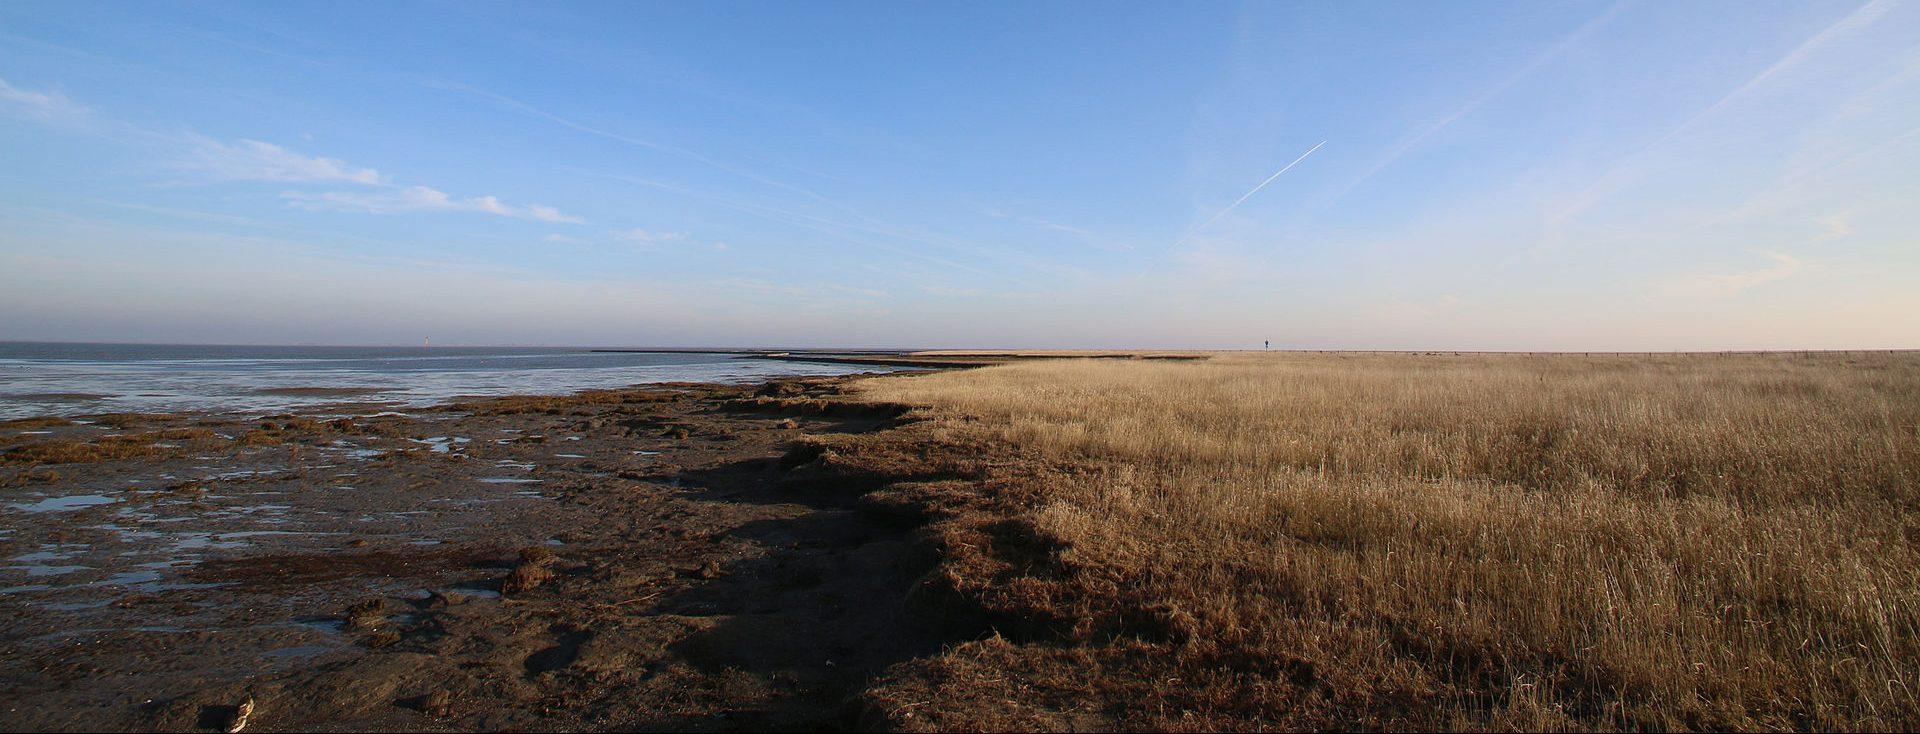 Morgenstimmung im Wattenmeer.